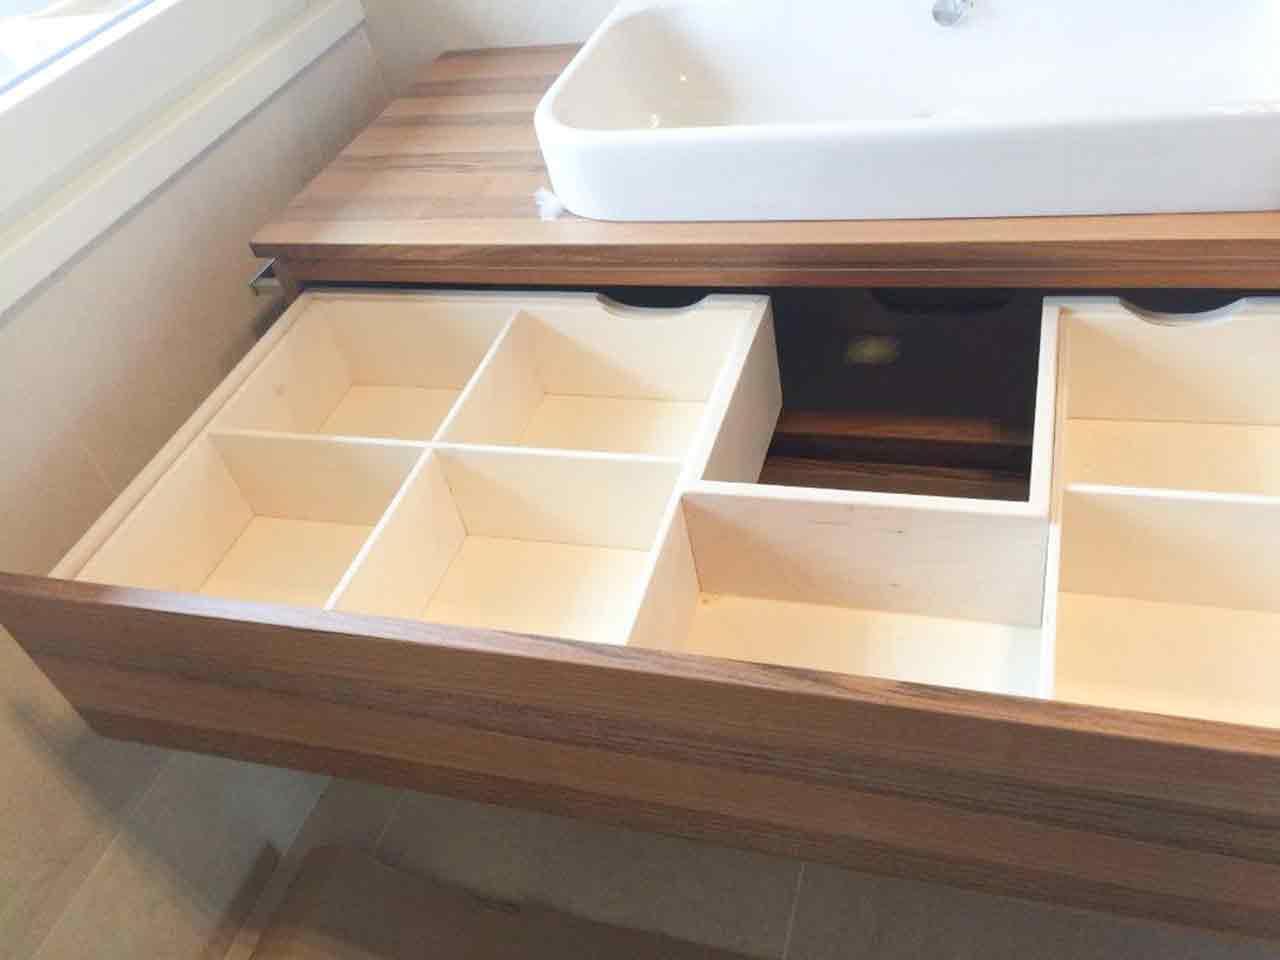 Fornitura mobili per bagno arredamento su misura - Mobili bagno brianza ...